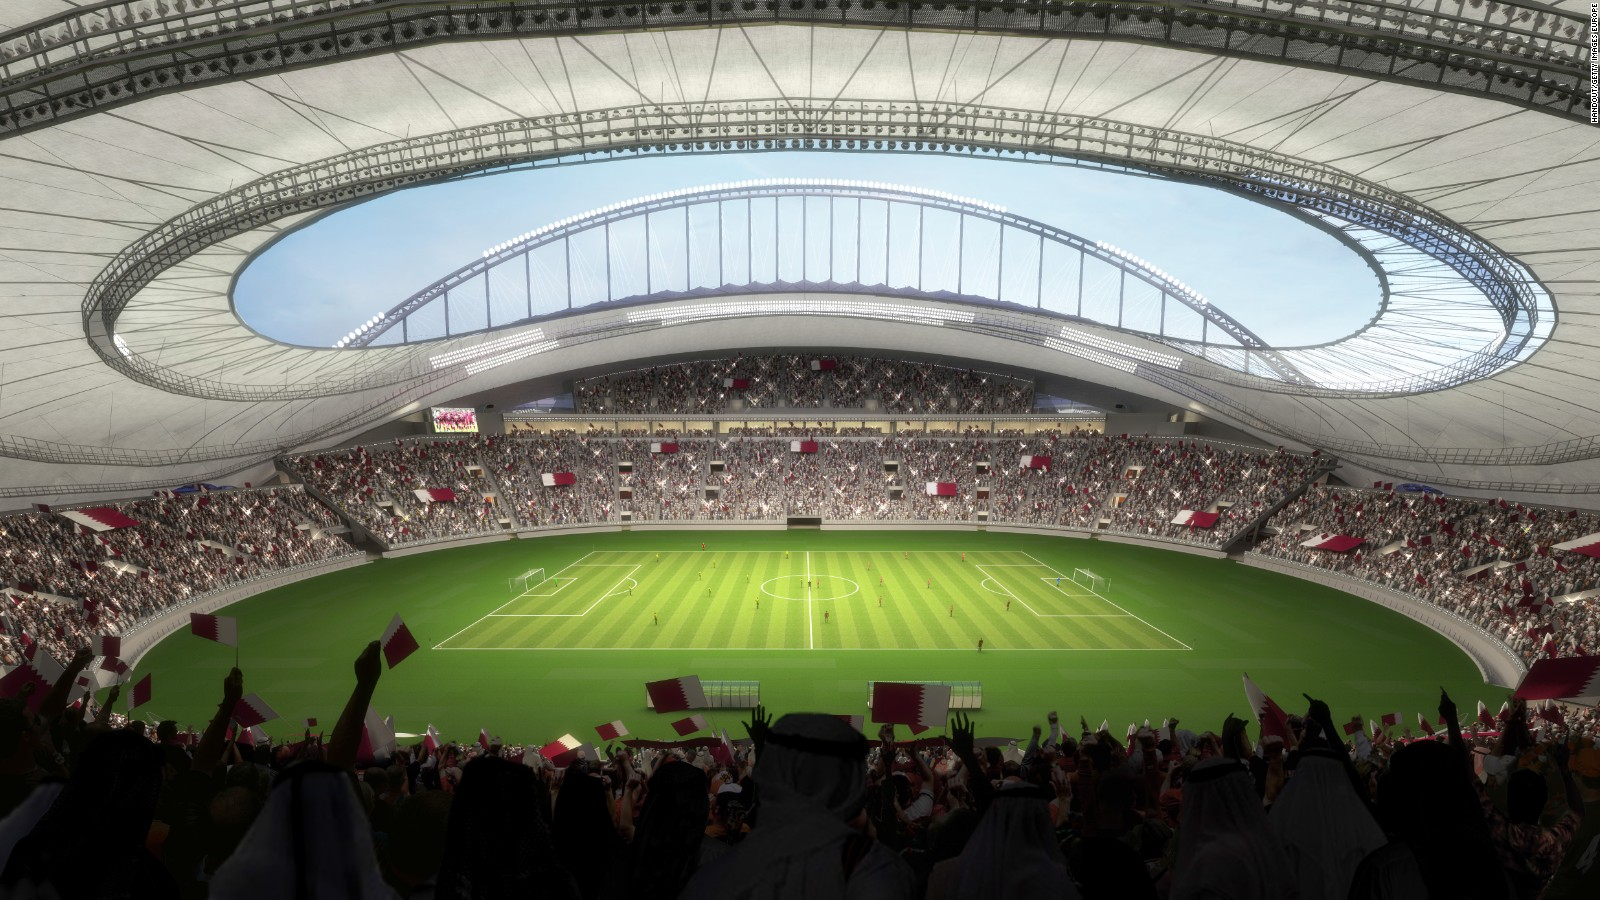 २०२२ को फिफा विश्वकप फुटबलमा ३२ टिम खेल्ने